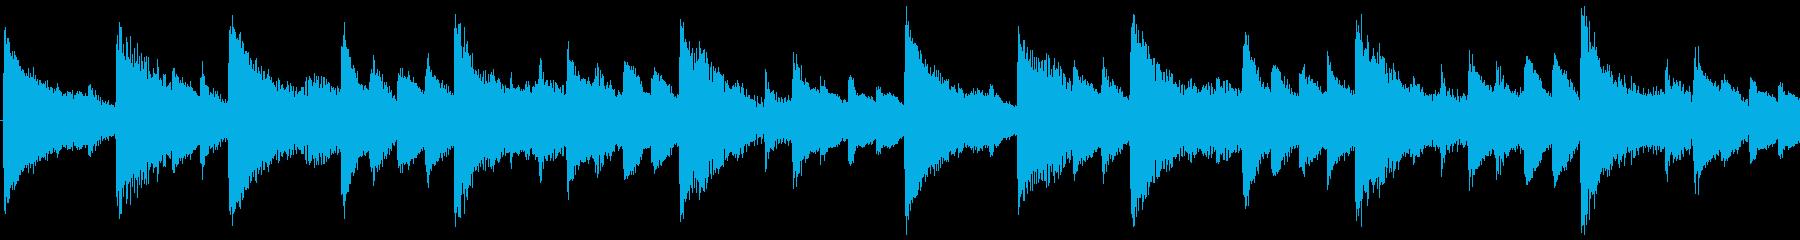 気分が上がるクリスマスBGM-ループ1の再生済みの波形